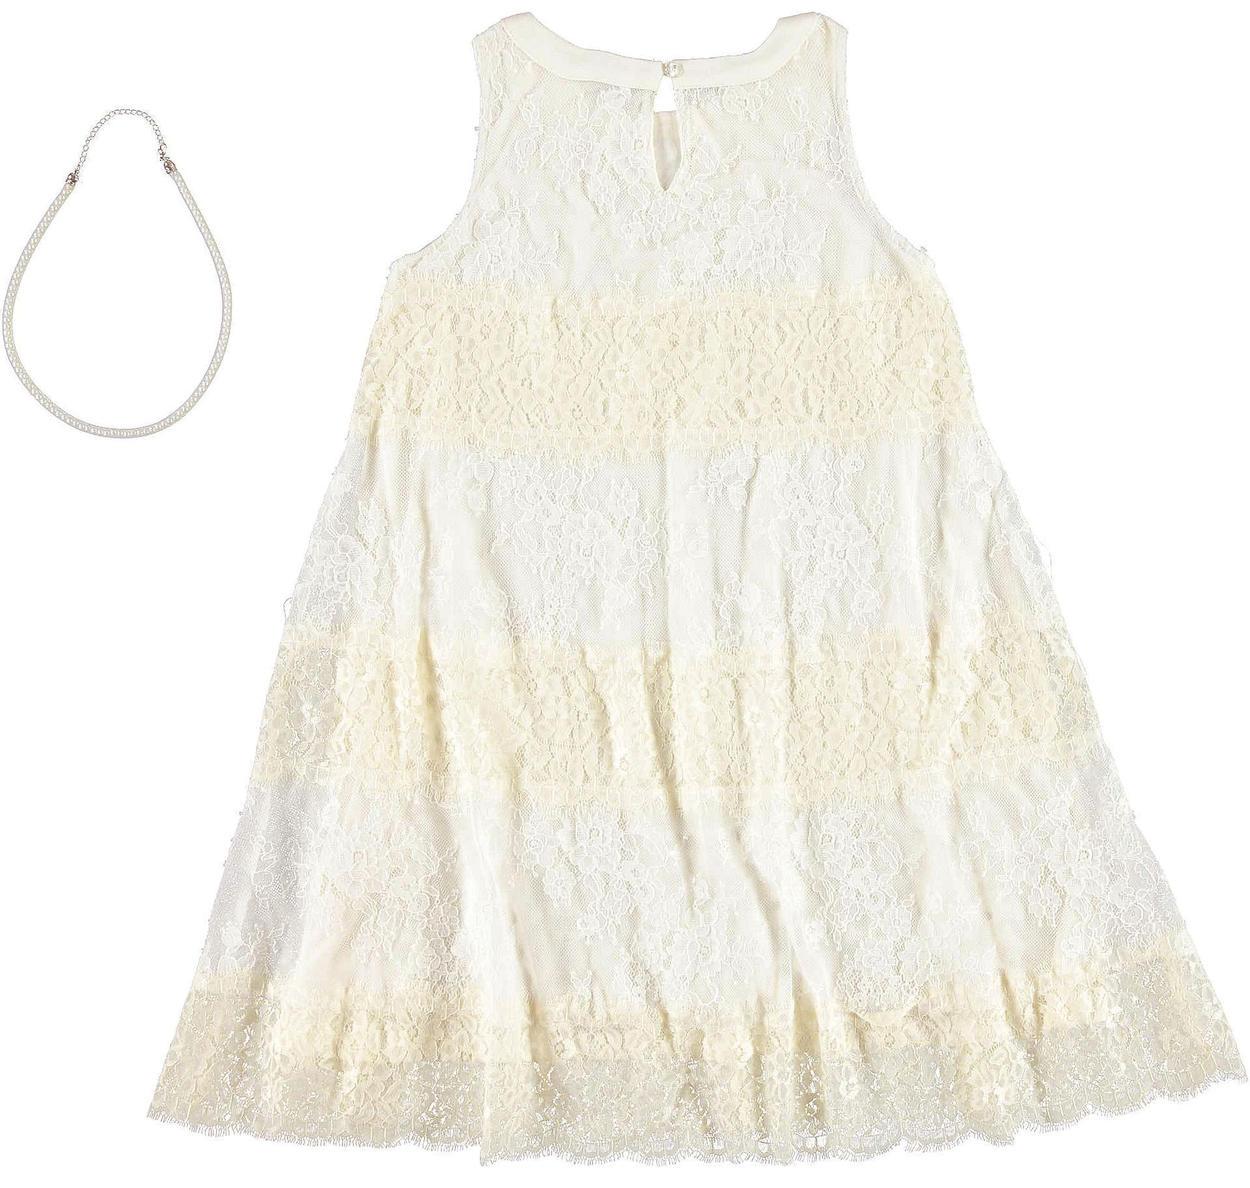 più popolare selezione mondiale di prezzo base Abito cerimonia bambina: vestitino in raffinato pizzo floreale vestibilità  da 6 a 16 anni Sarabanda